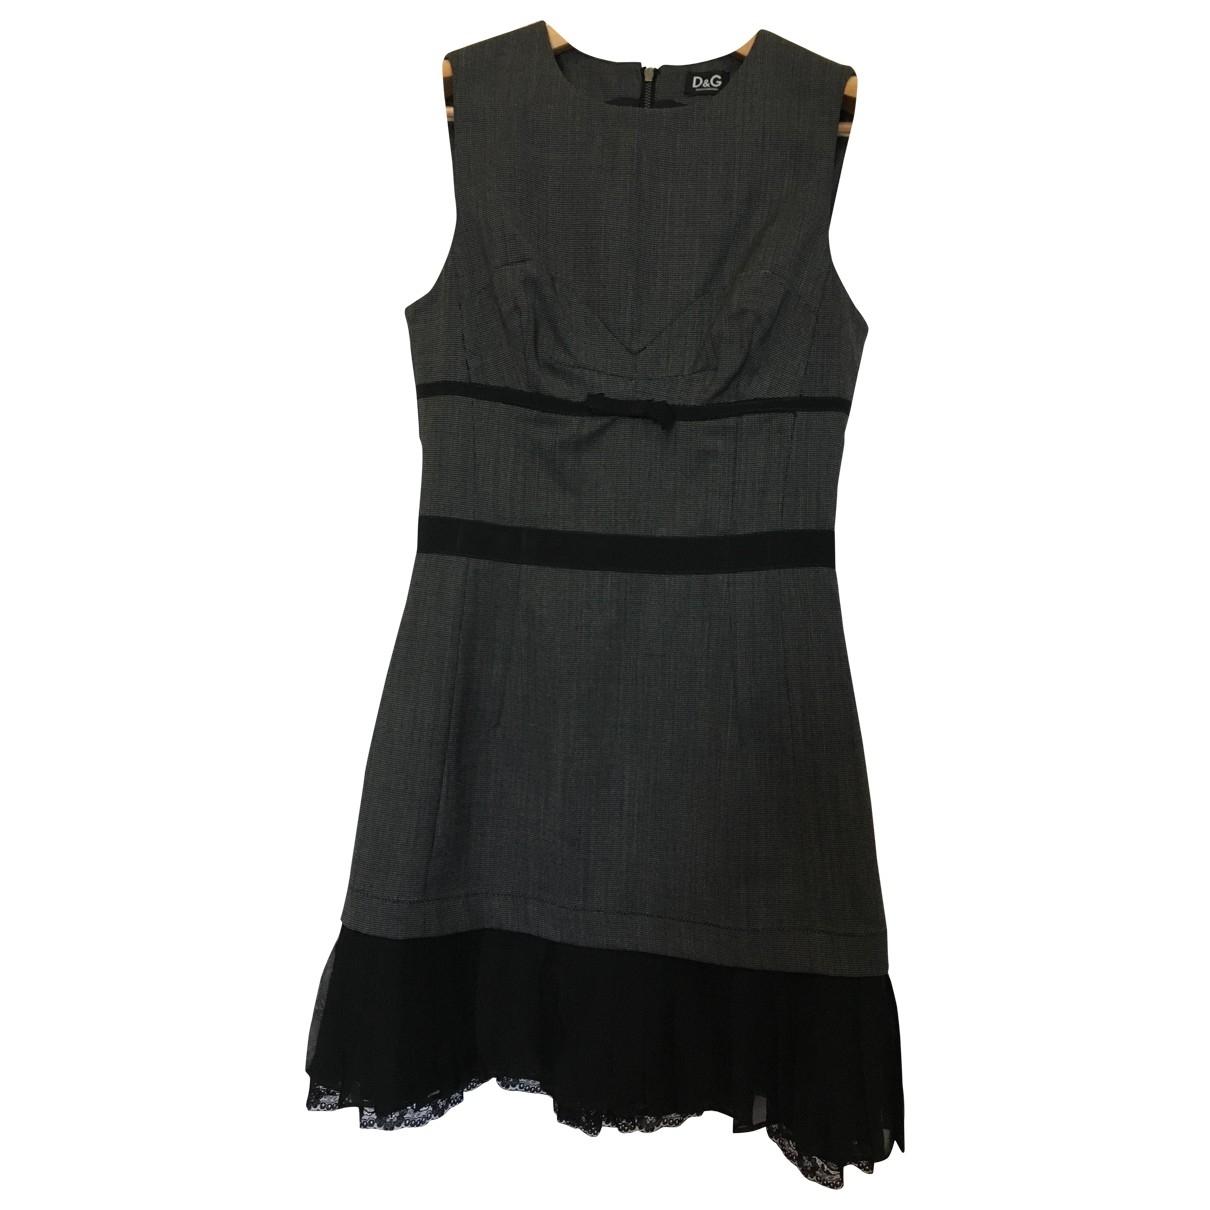 D&g - Robe   pour femme en soie - gris